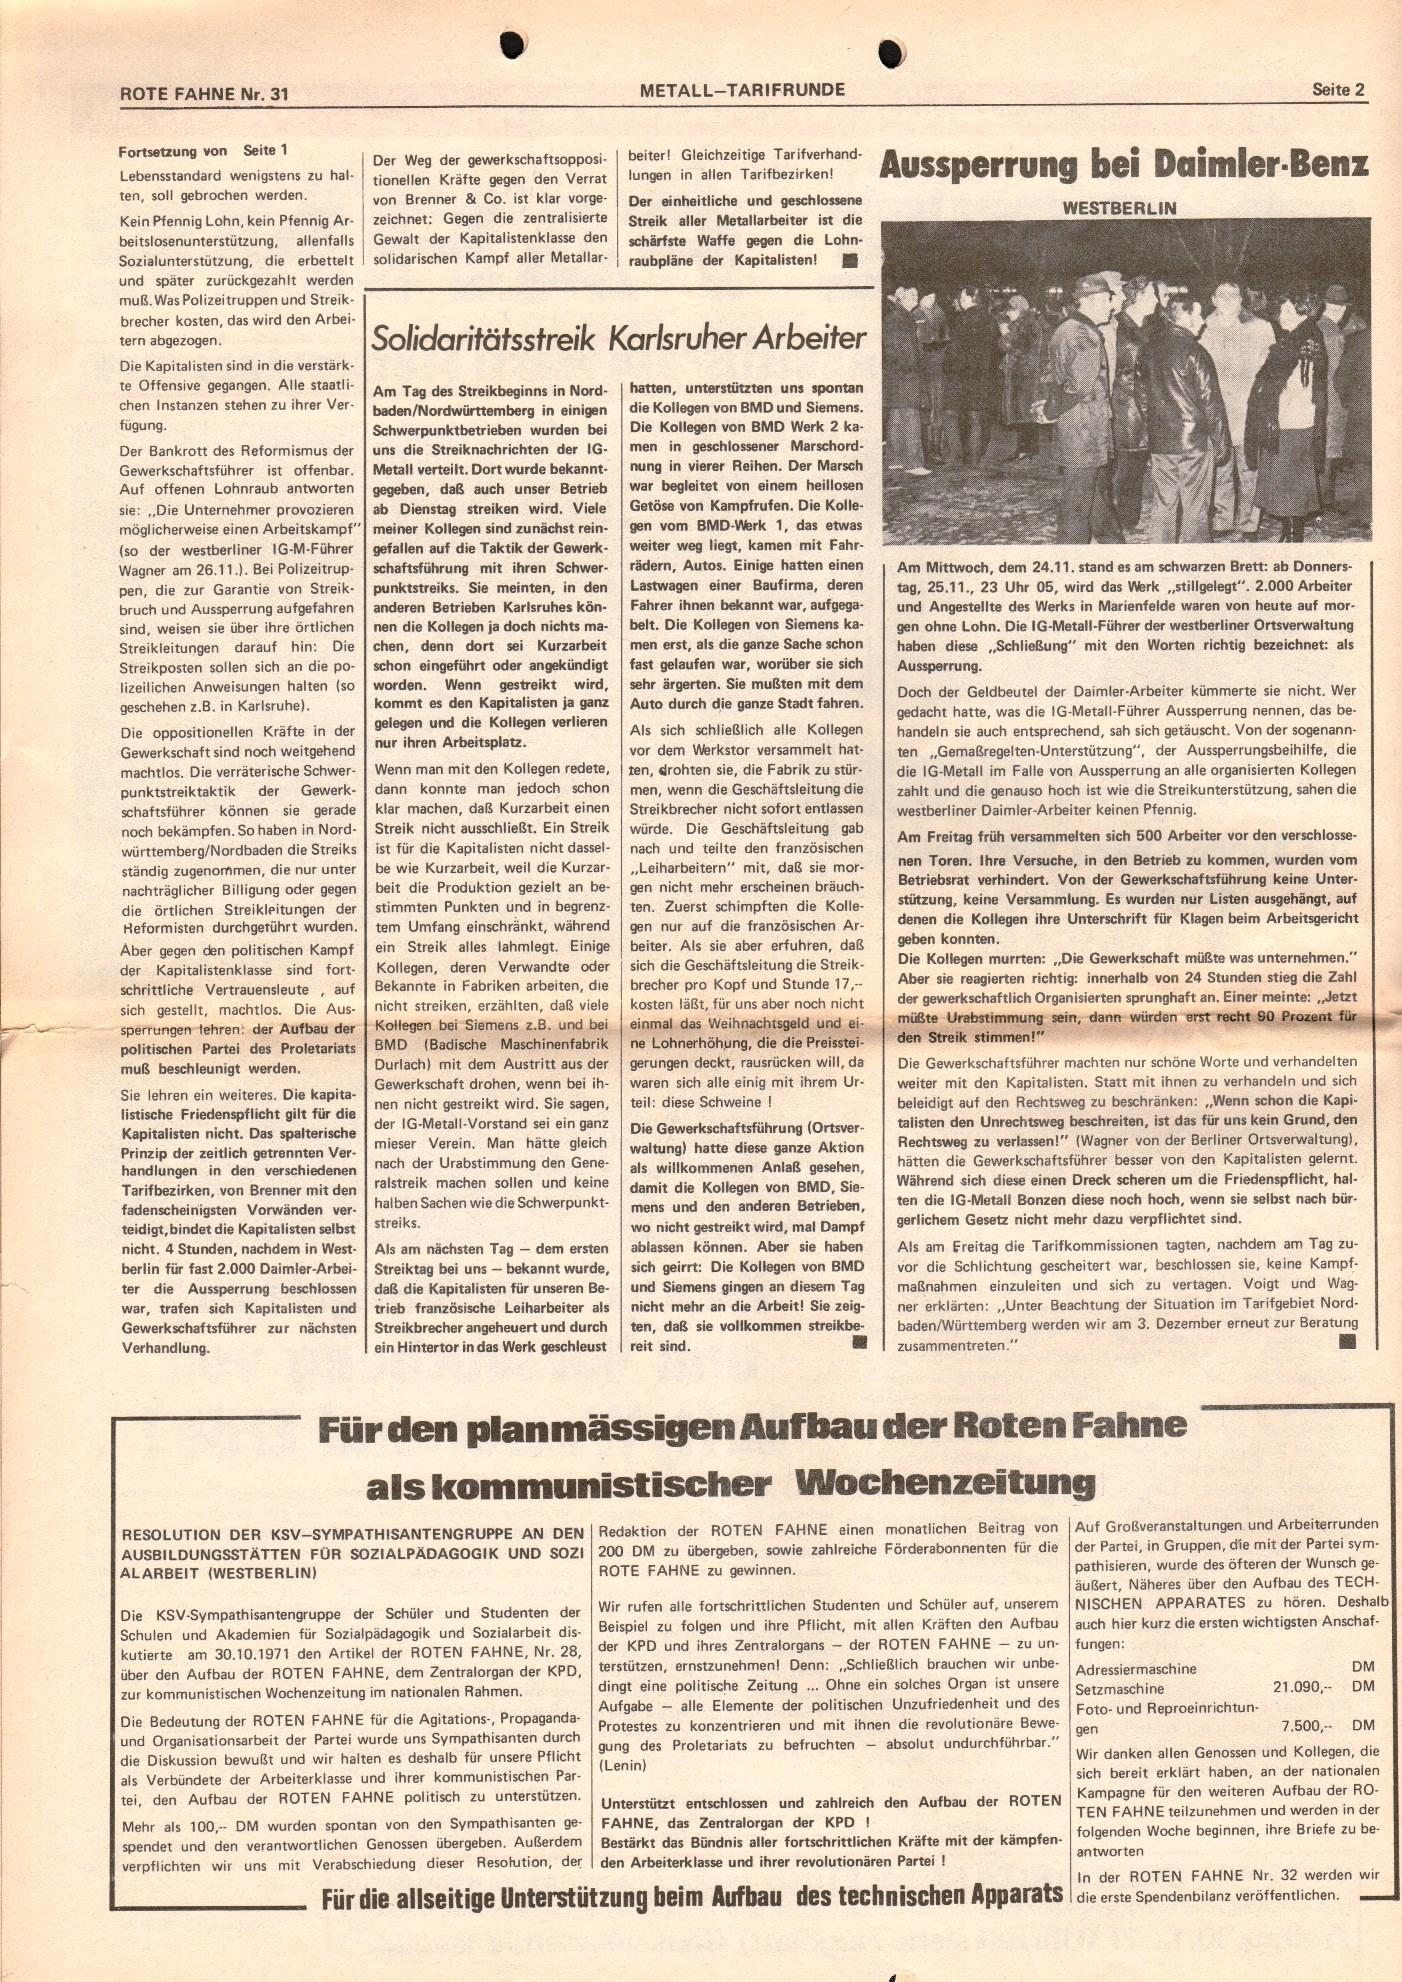 KPD_Rote_Fahne_1971_31_02